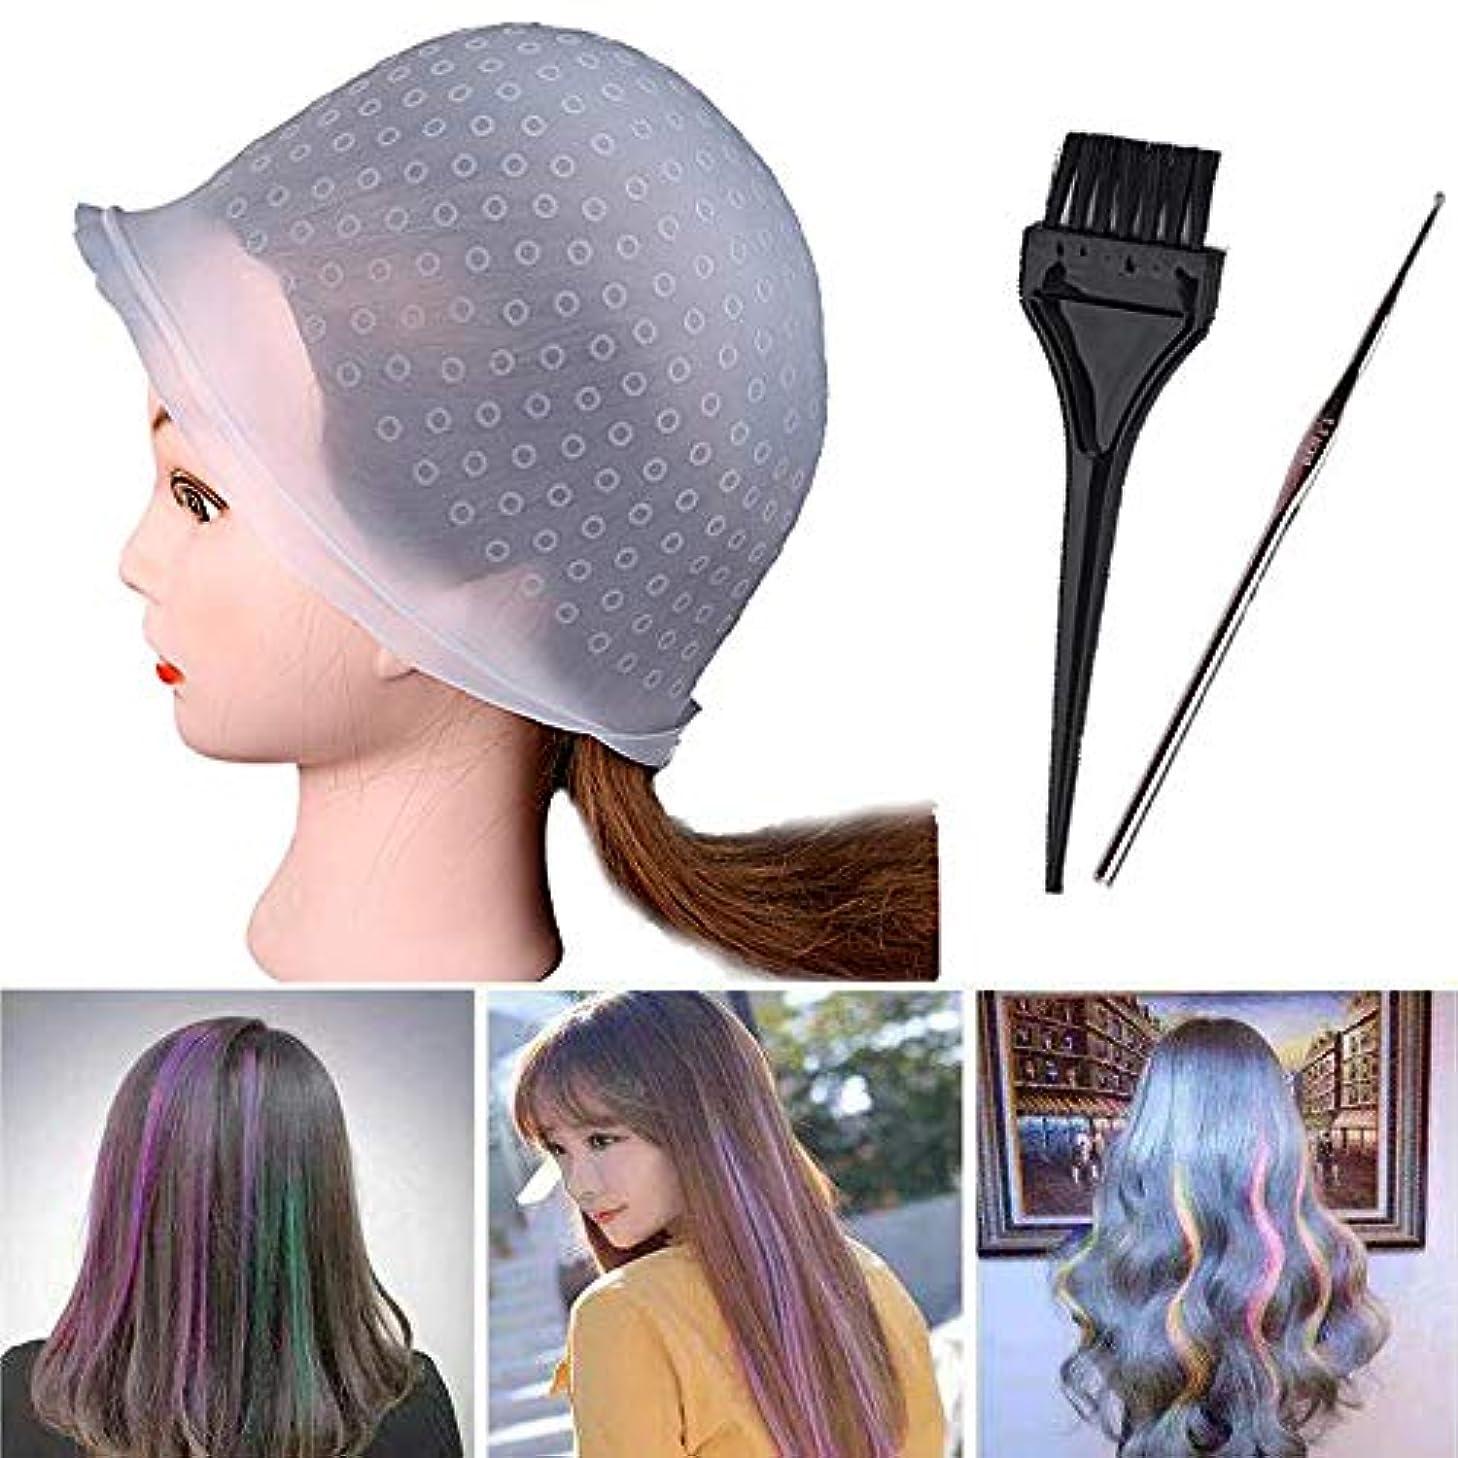 家古代対角線SHKI 毛染めキャップ 髪染め用ヘアキャップ シリコン製 ヘアカラーヘアキャップ 自宅でヘアカラーを楽しんで美容サロン仕様 棒とブラシ付き